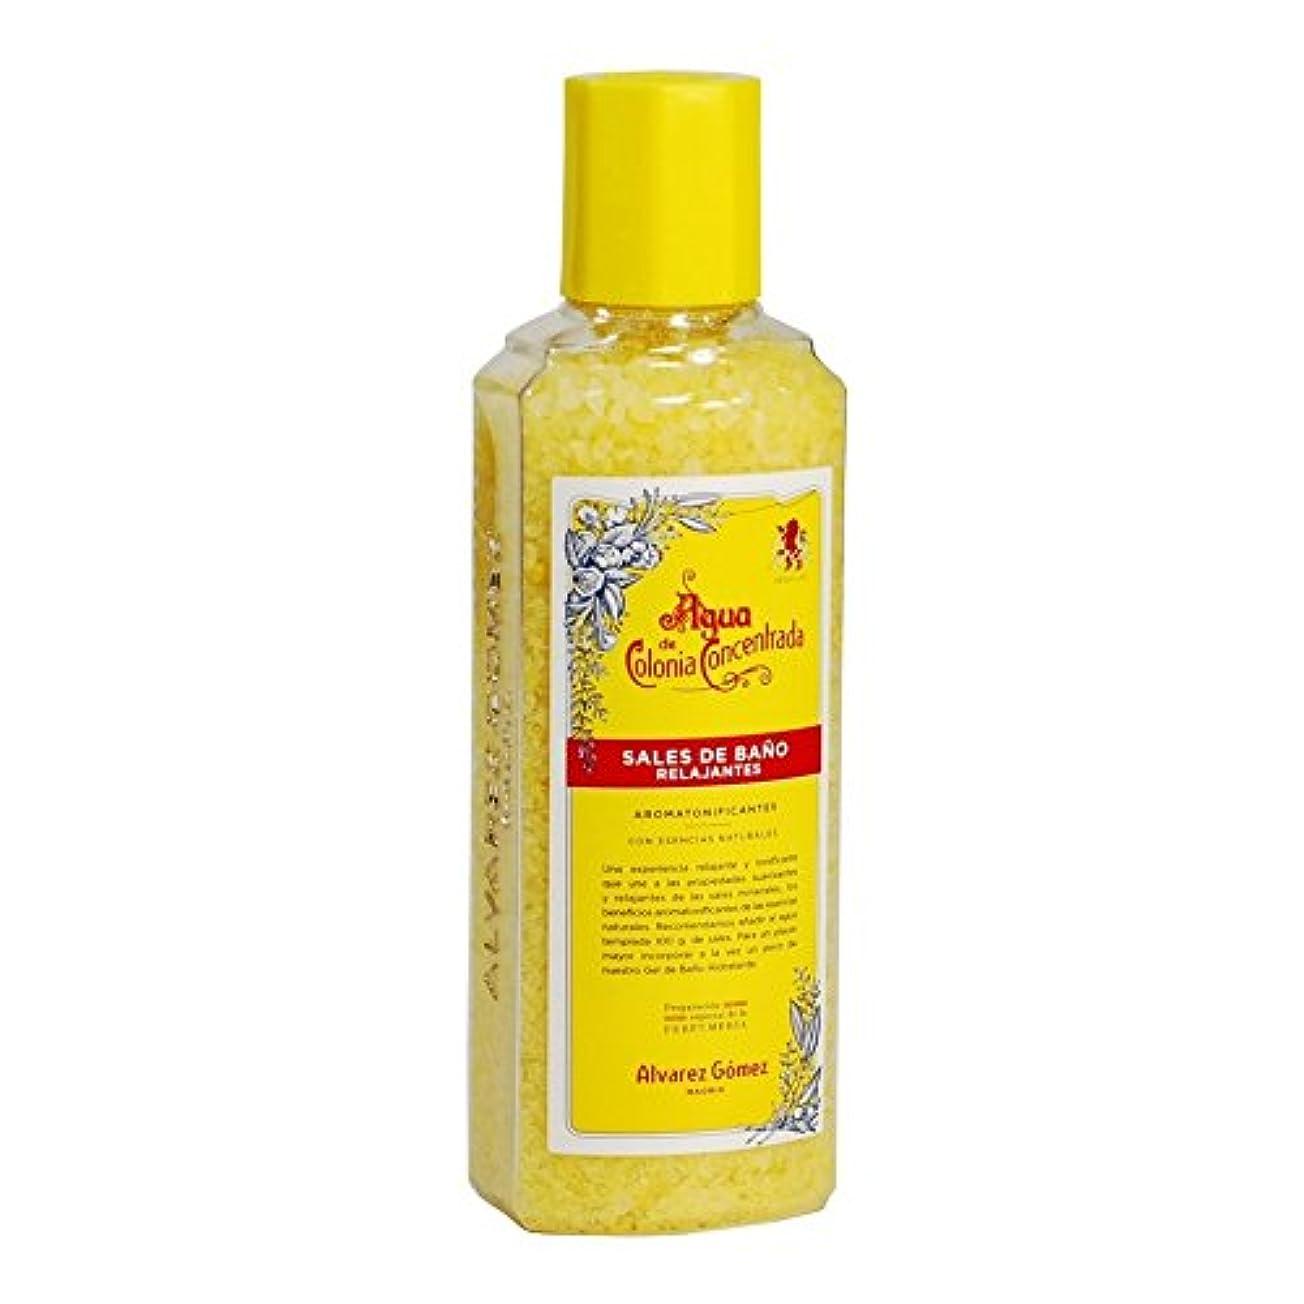 地下鉄クロニクルインスタンス?lvarez G?mez Agua de Colonia Concentrada Bath Salts 300g (Pack of 6) - アルバレス?ゴメスアグア?デ?コロニア入浴剤300グラム x6 [並行輸入品]